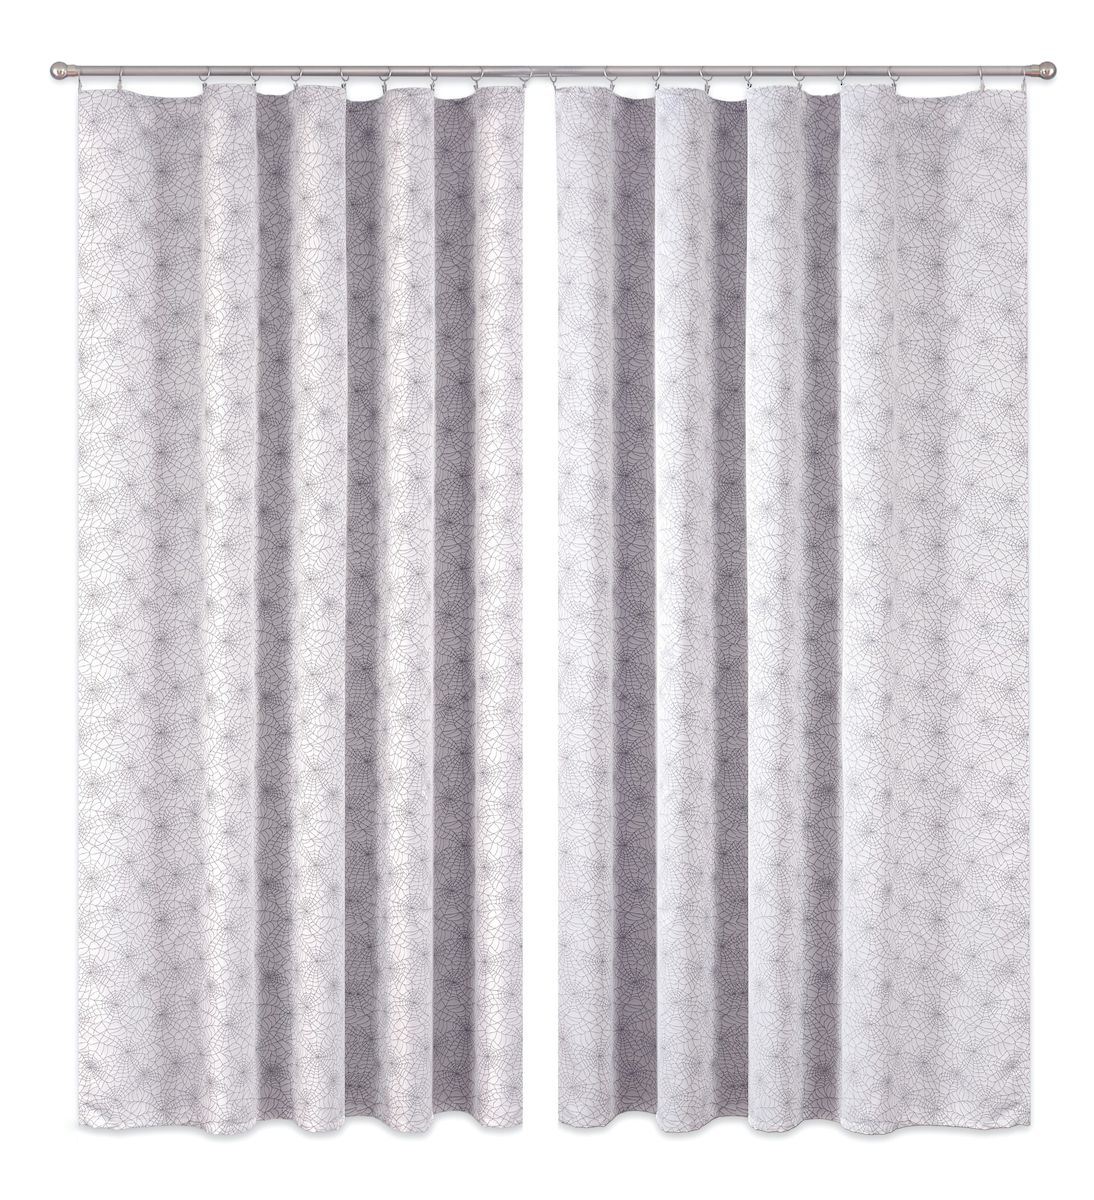 Комплект штор P Primavera Firany, цвет: серый, высота 270 см. 11100021110002Комплект шториз полиэстровой жаккардовой ткани с пришитой шторнойлентой. Размер - ширина 180 см высота 270см. Набор 2 штуки. Цвет серый.Размер: ширина 180 х высота 270